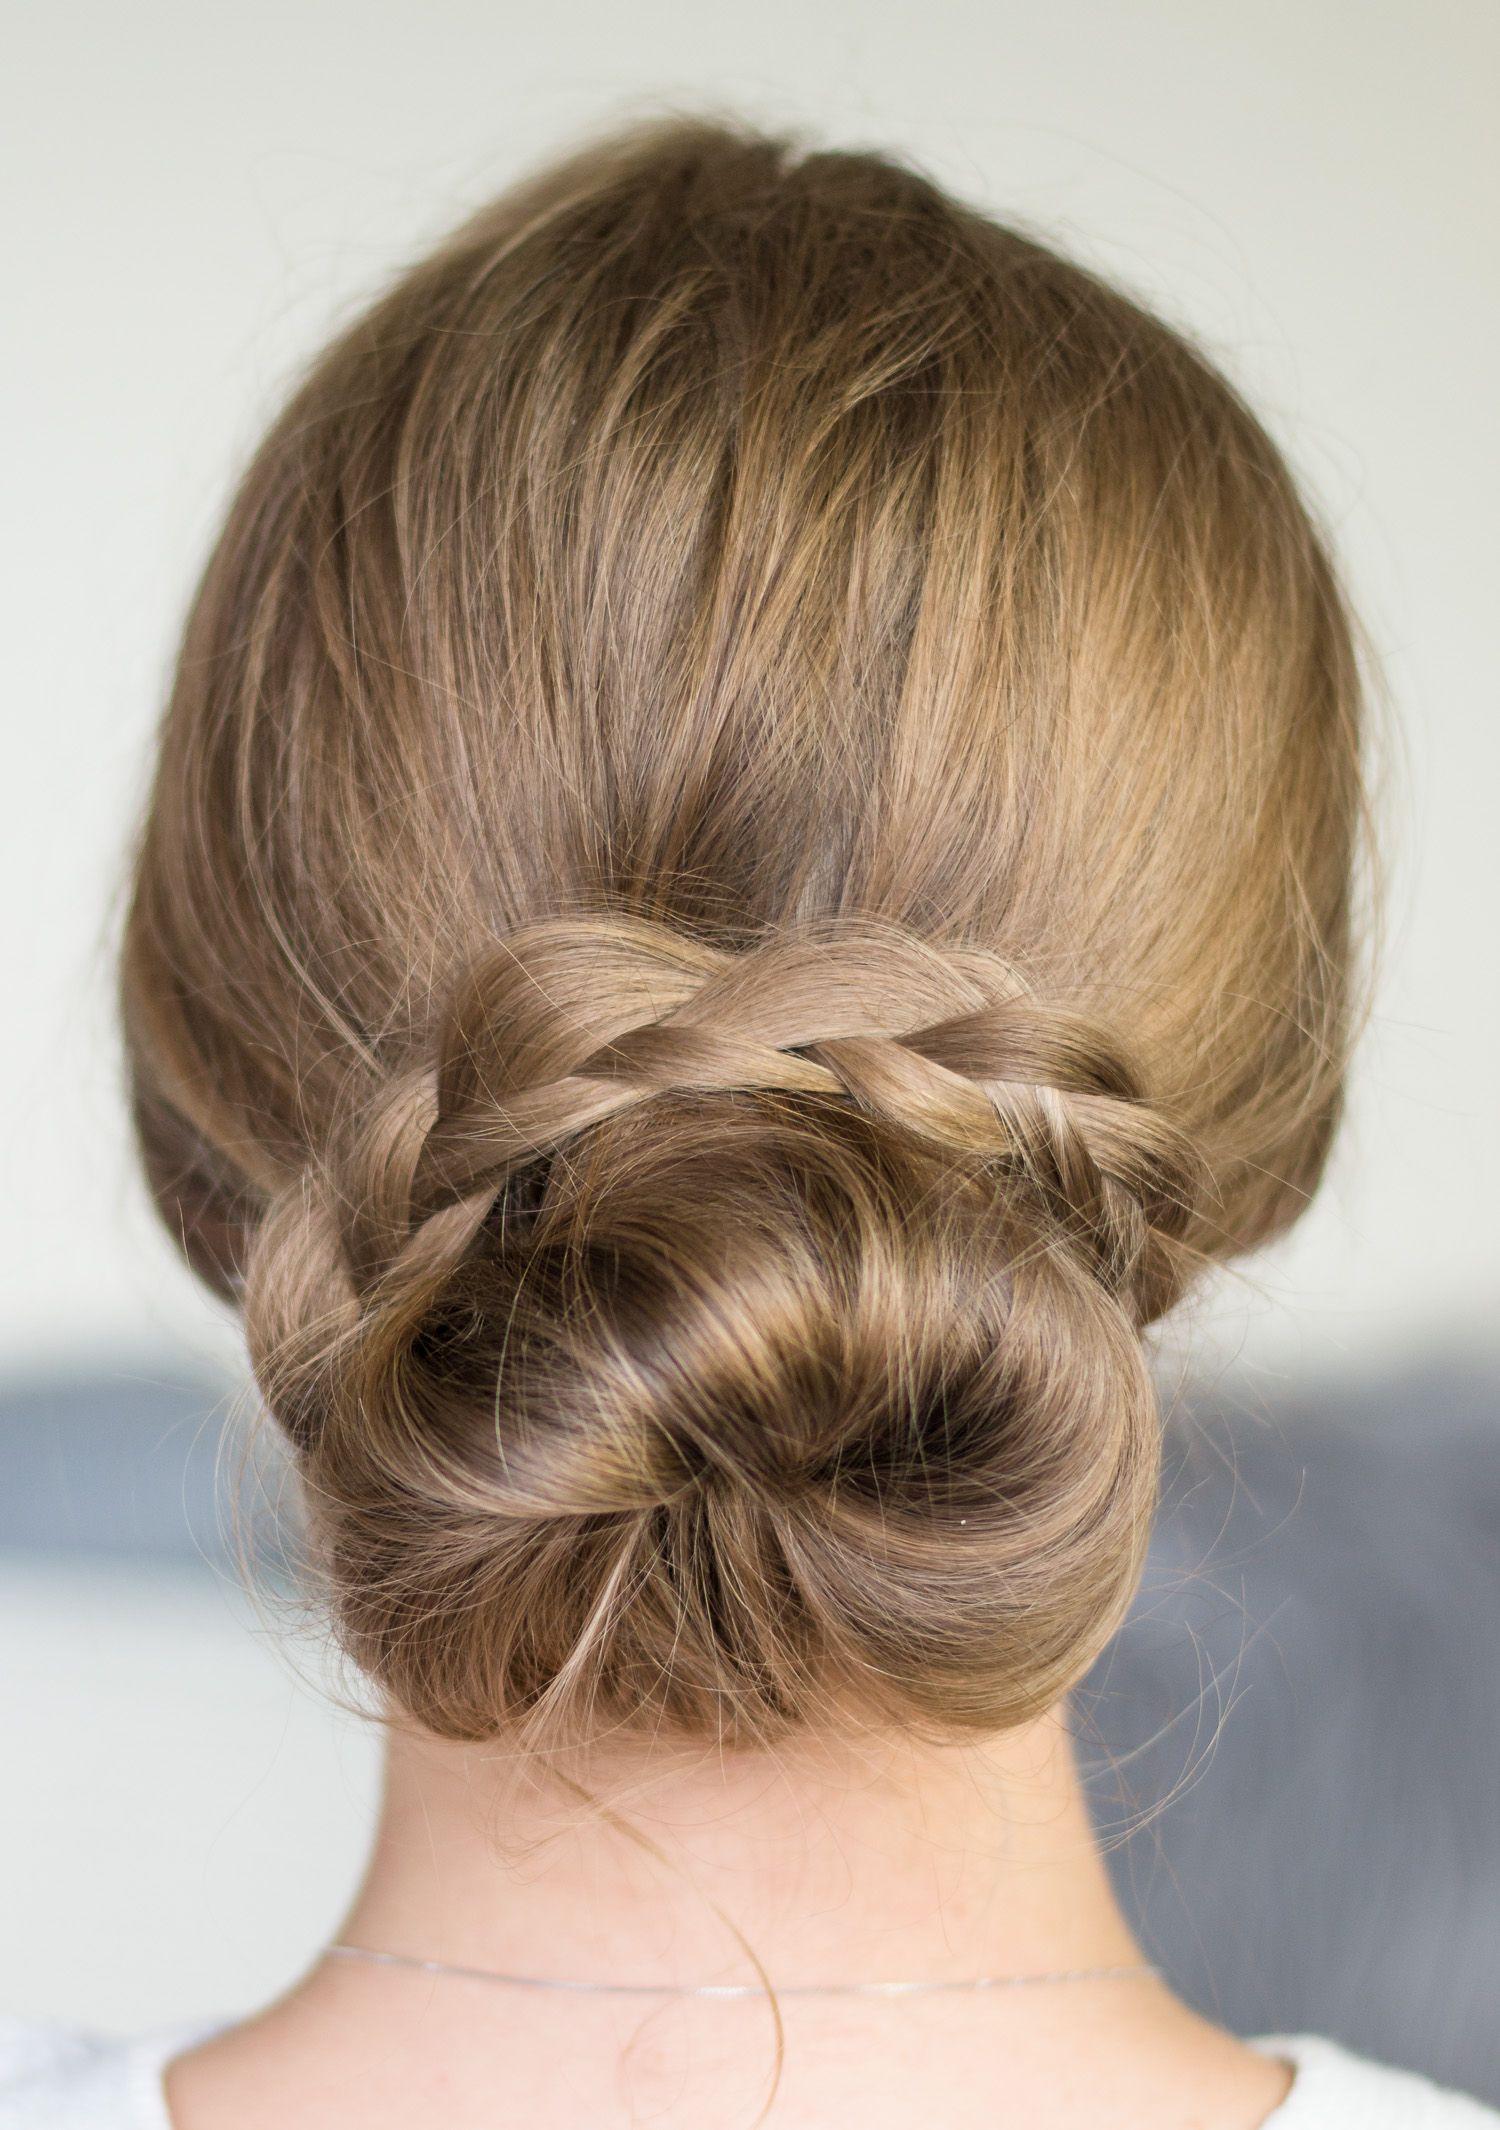 702b8934110dfc58f0b6595825e315dd Frisuren Einfach Haartutorial Schnelle Frisuren